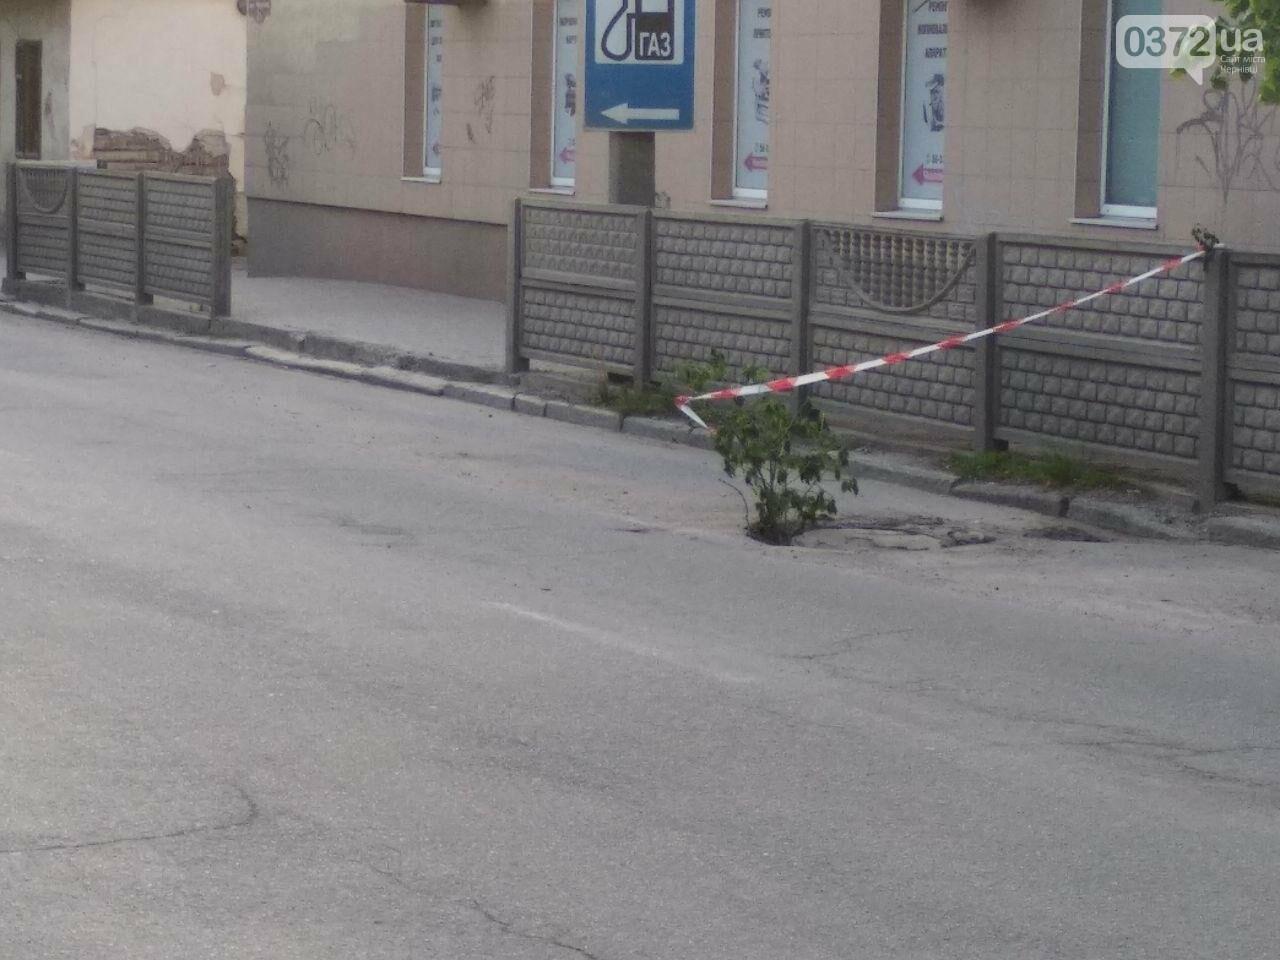 """На Чернівецьких вулицях із несправних люків на дорогах роблять """"декор"""" для міста, фото-1"""